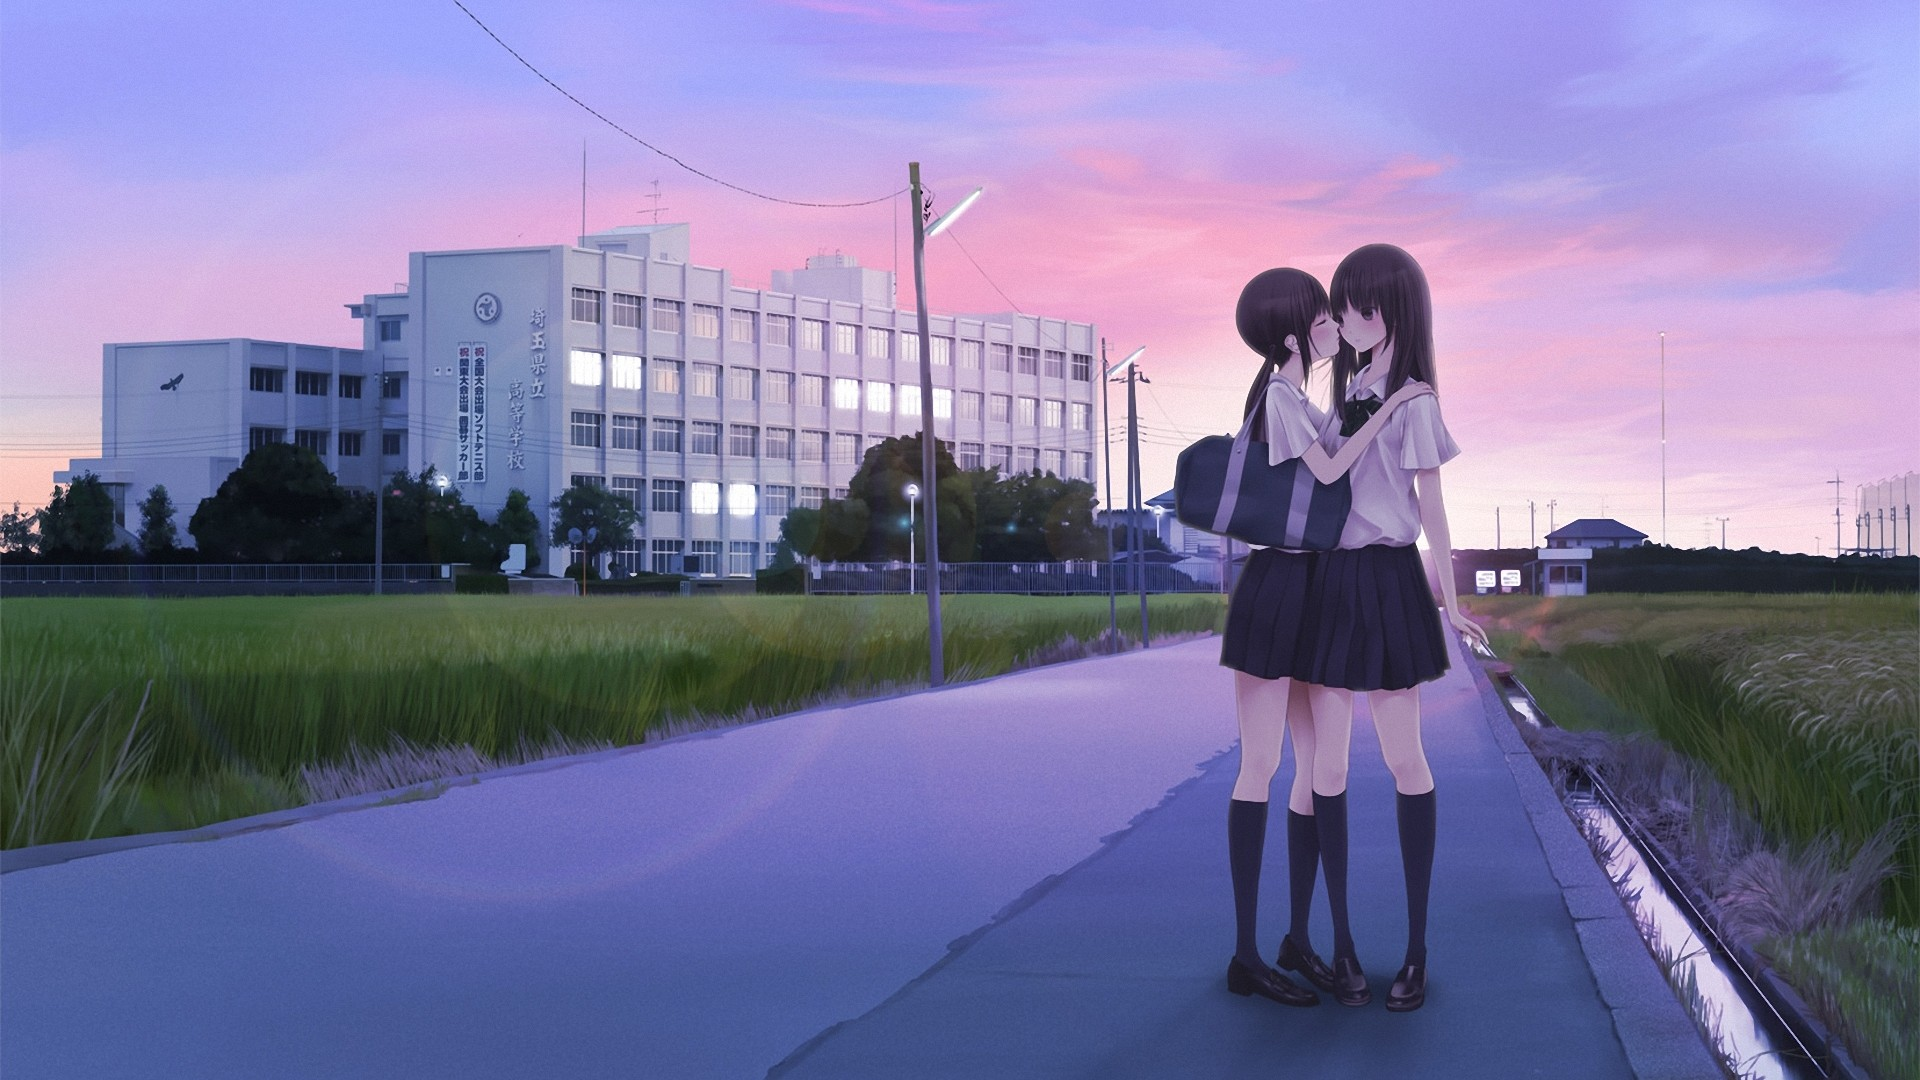 Обои с девушками целоваться